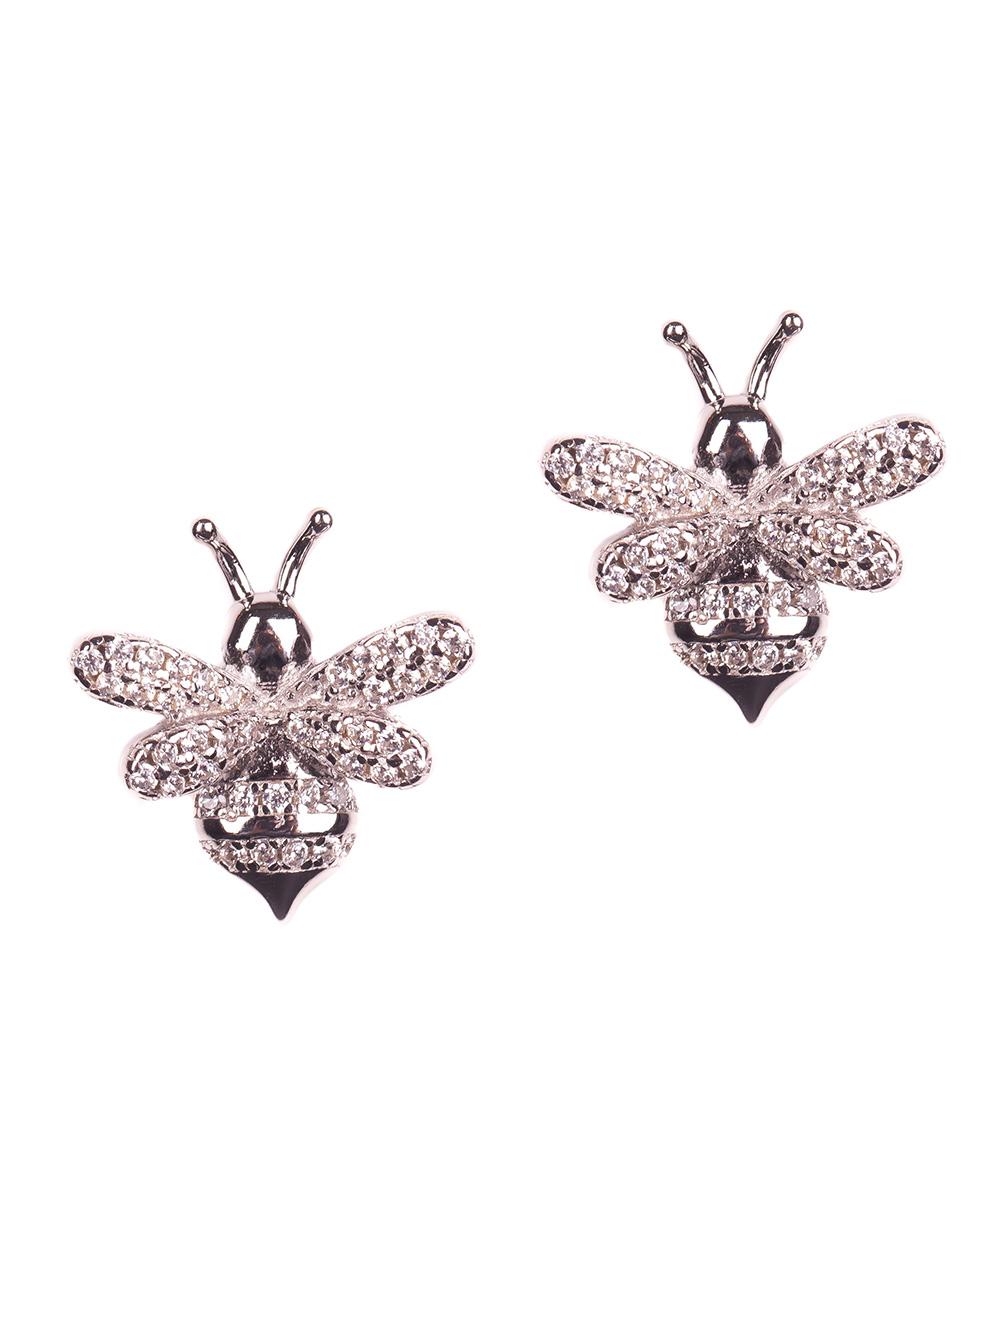 Brinco de abelha em prata com zircônias